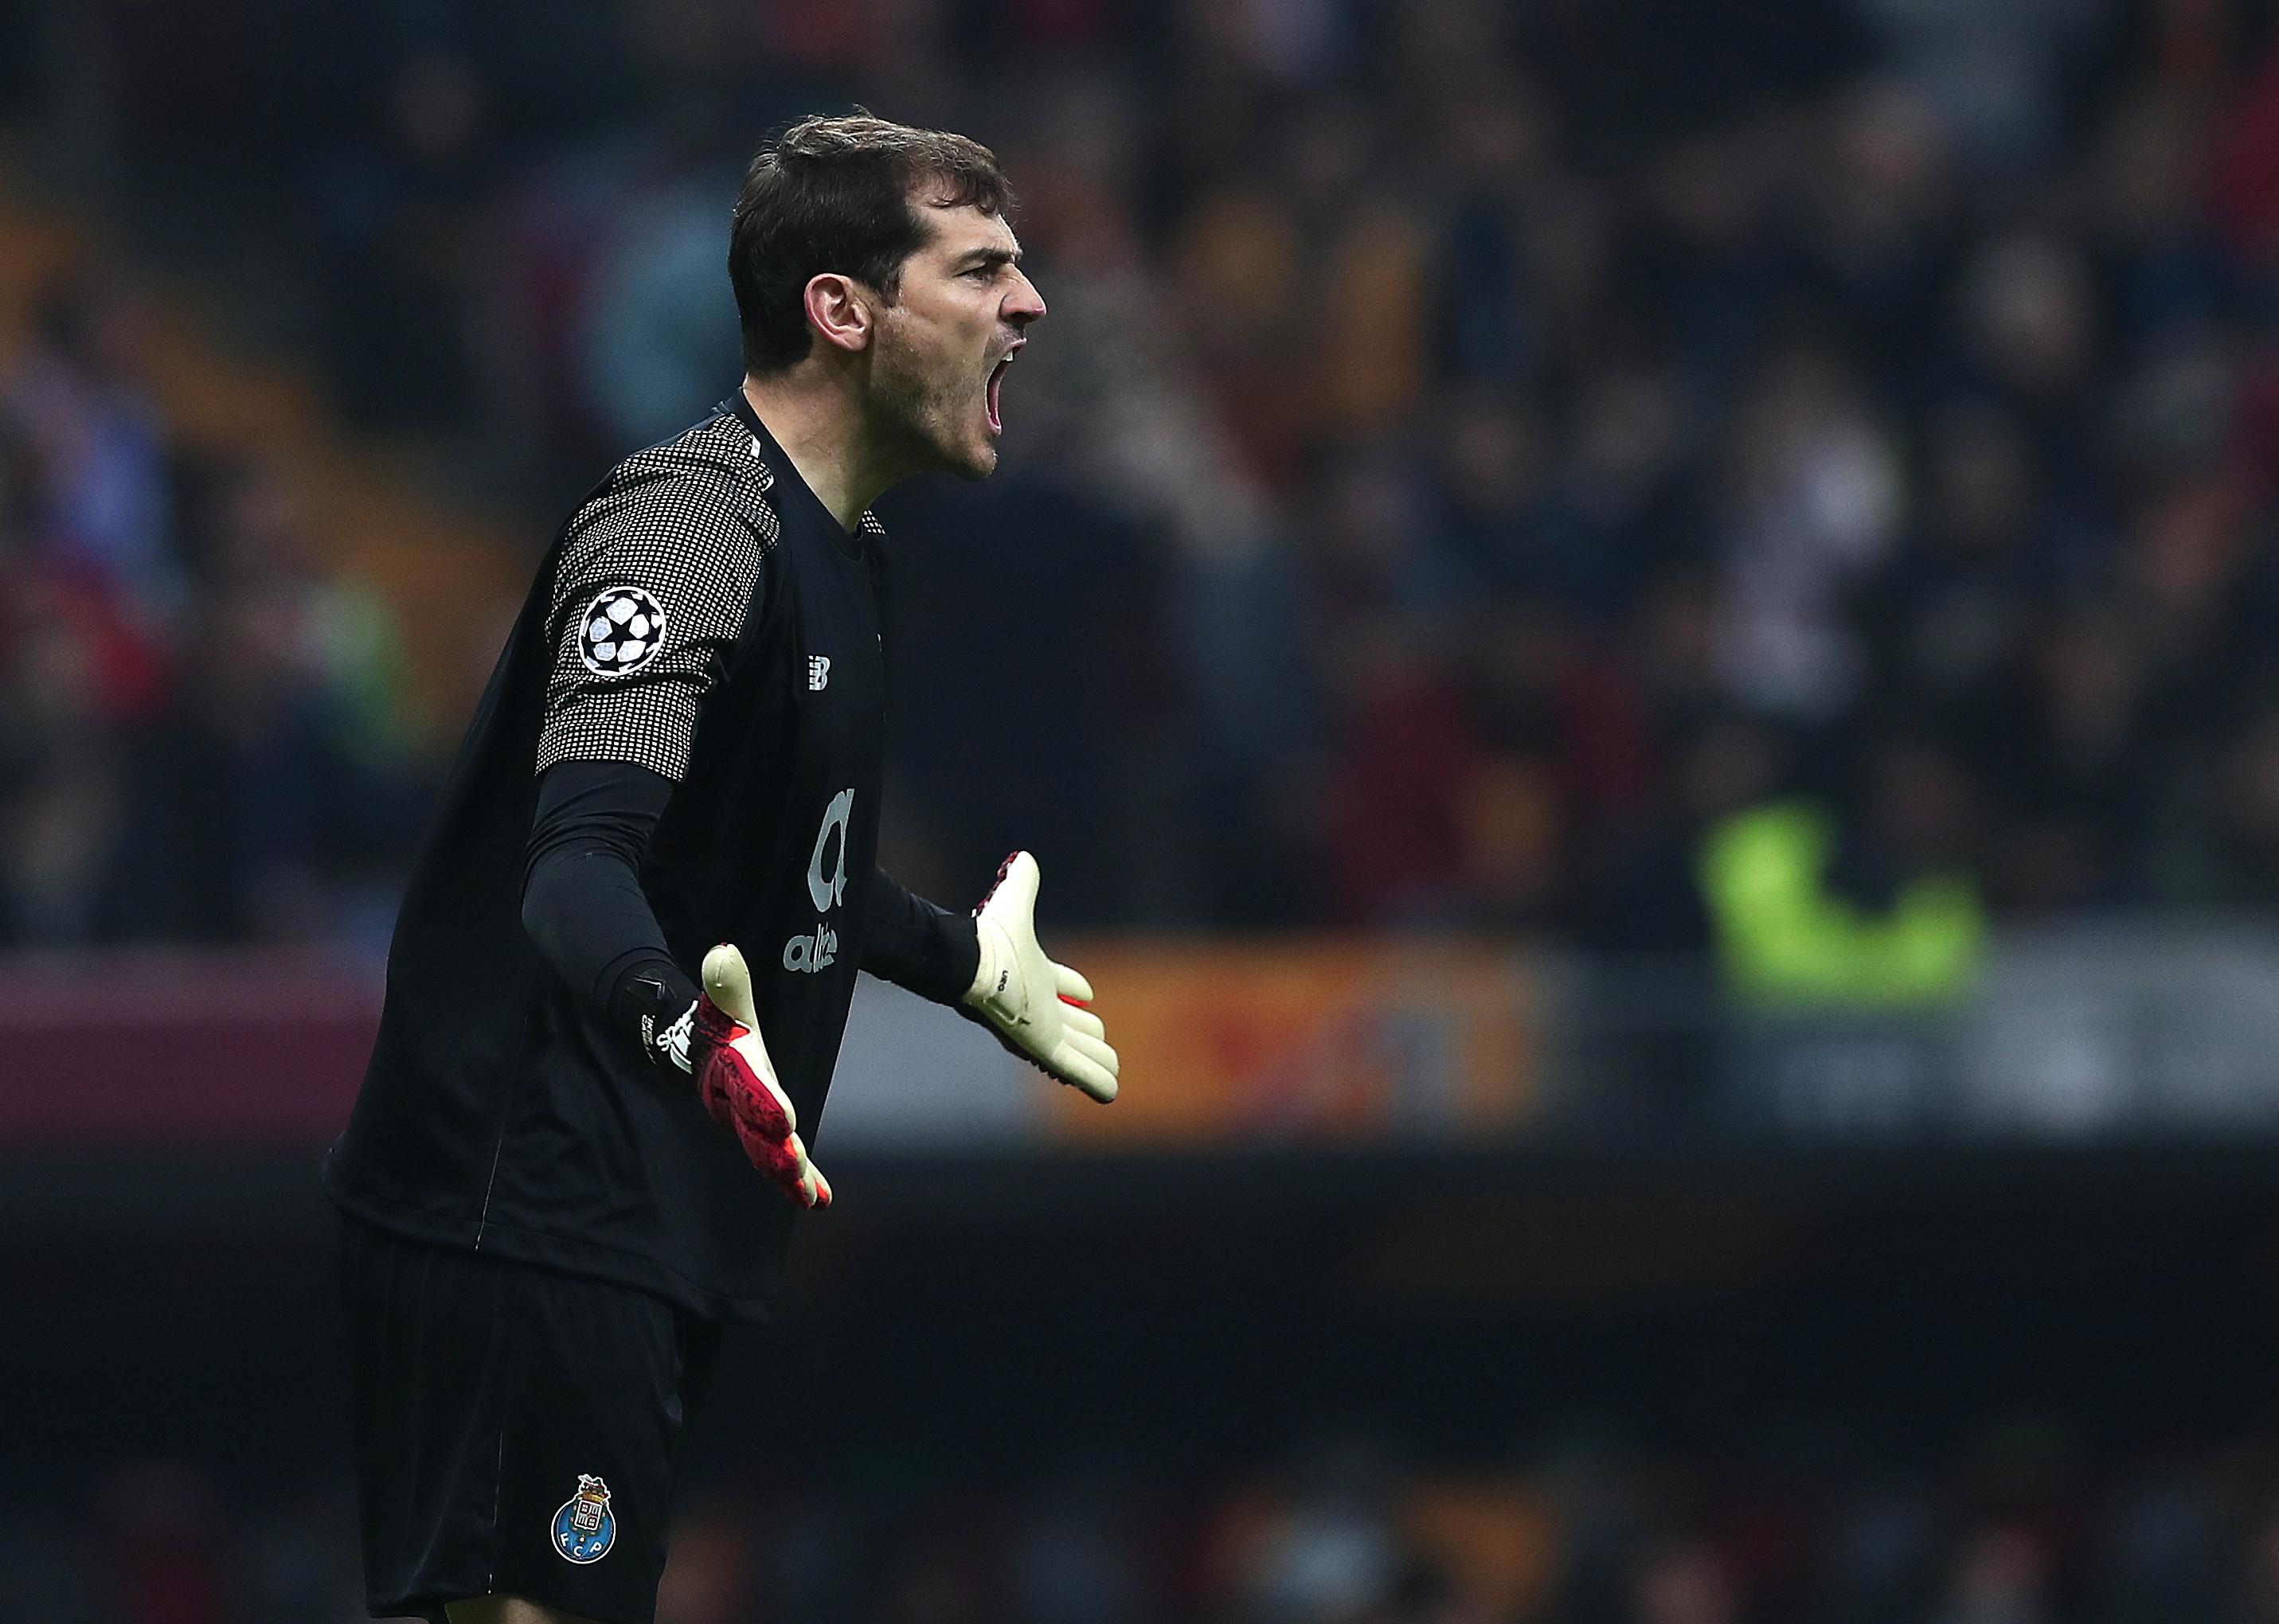 Casillas pode estar de regresso a Espanha já em março, revela Cadena SER